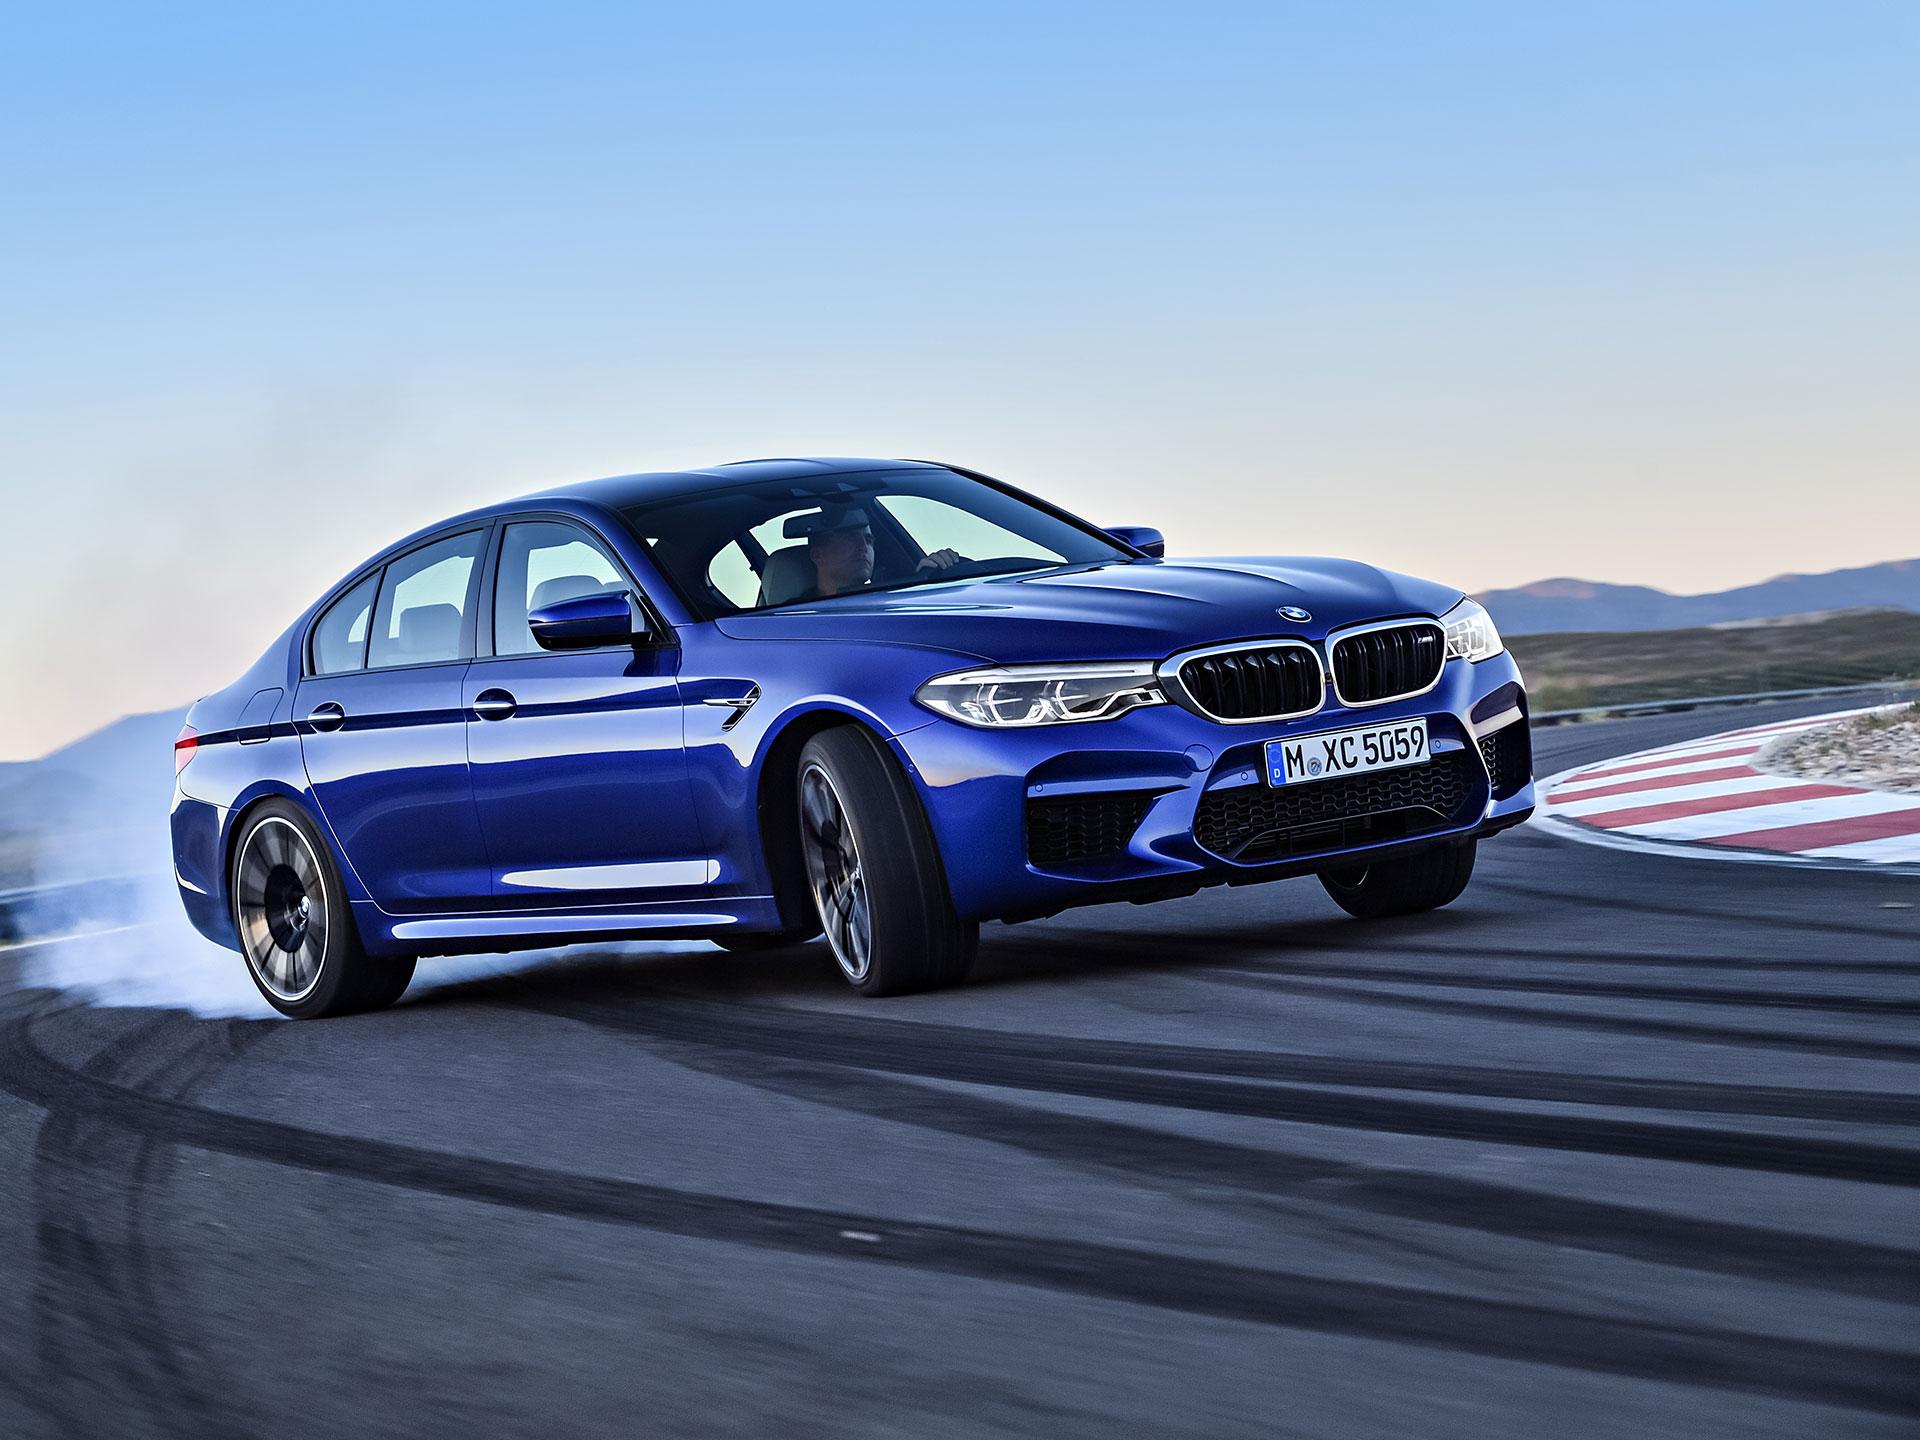 El BMW M5 hace su aparición presumiendo la imagen deportiva de la división racing y, por primera vez, tracción integral. Foto: BMW